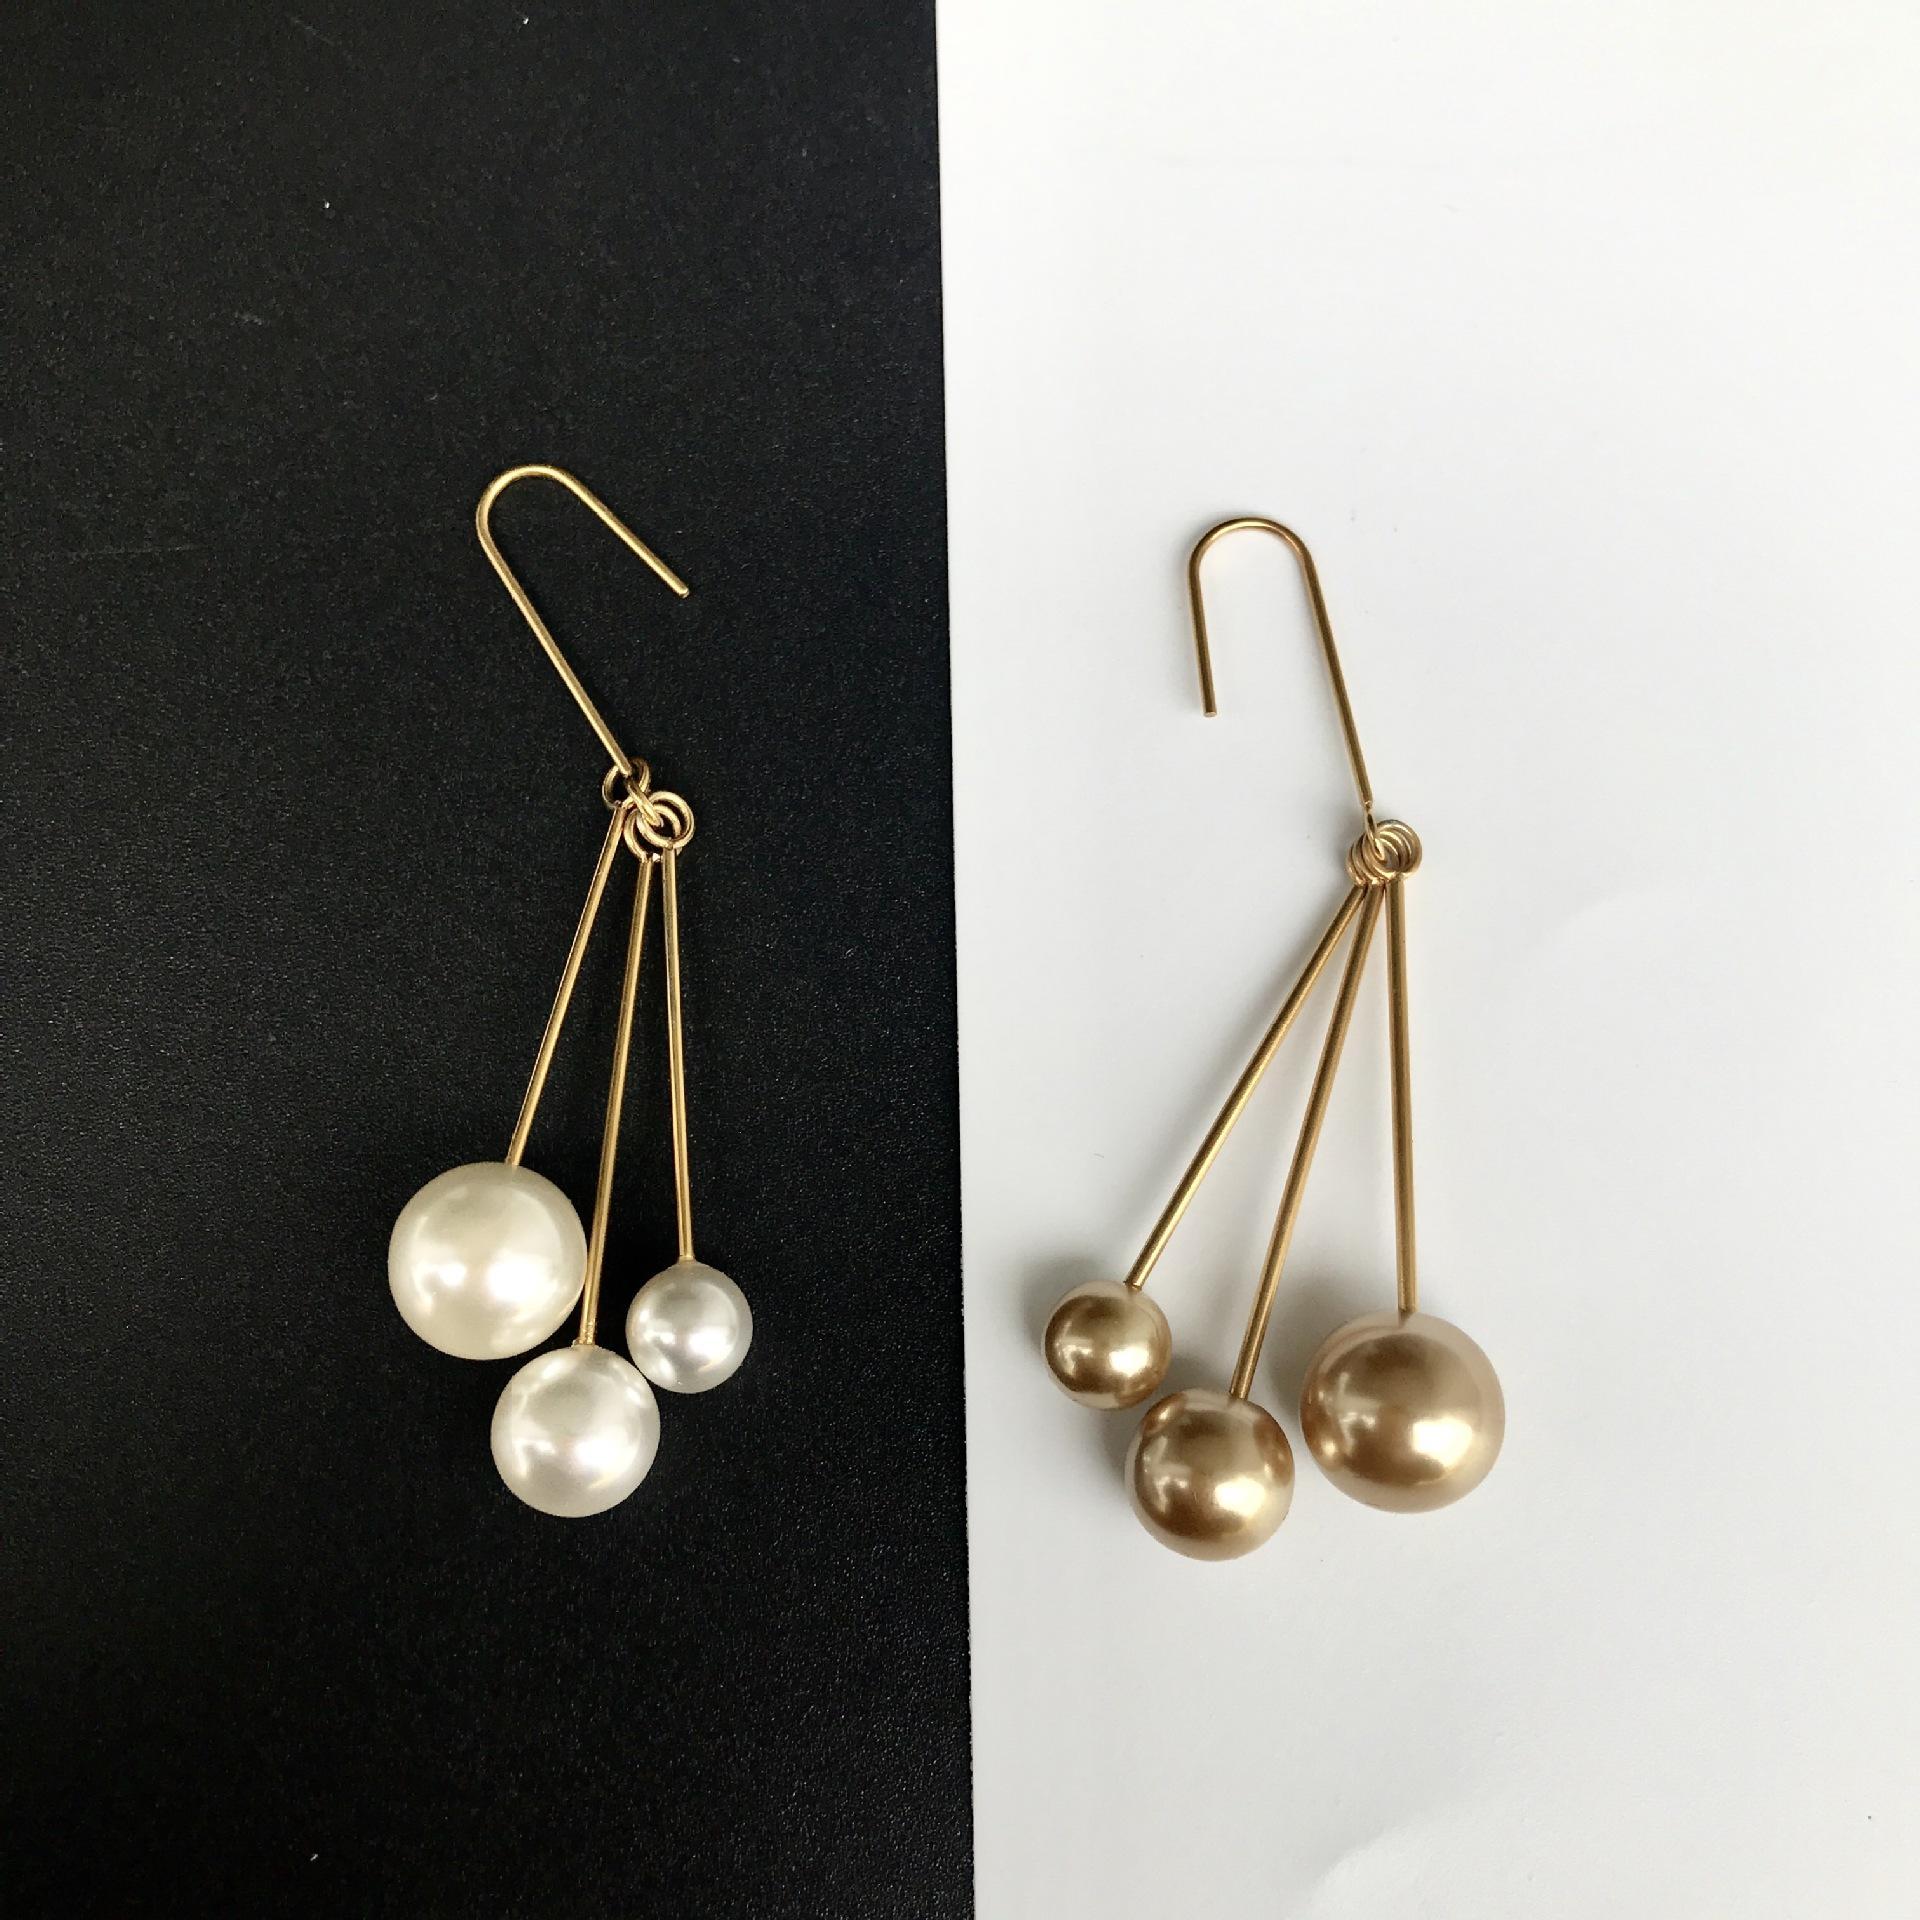 Estilo francés Tres perla blanca pendientes temperamento larga pendiente de acero Titanium del gancho del grano blanco del partido para los pendientes regalos de joyería al por mayor